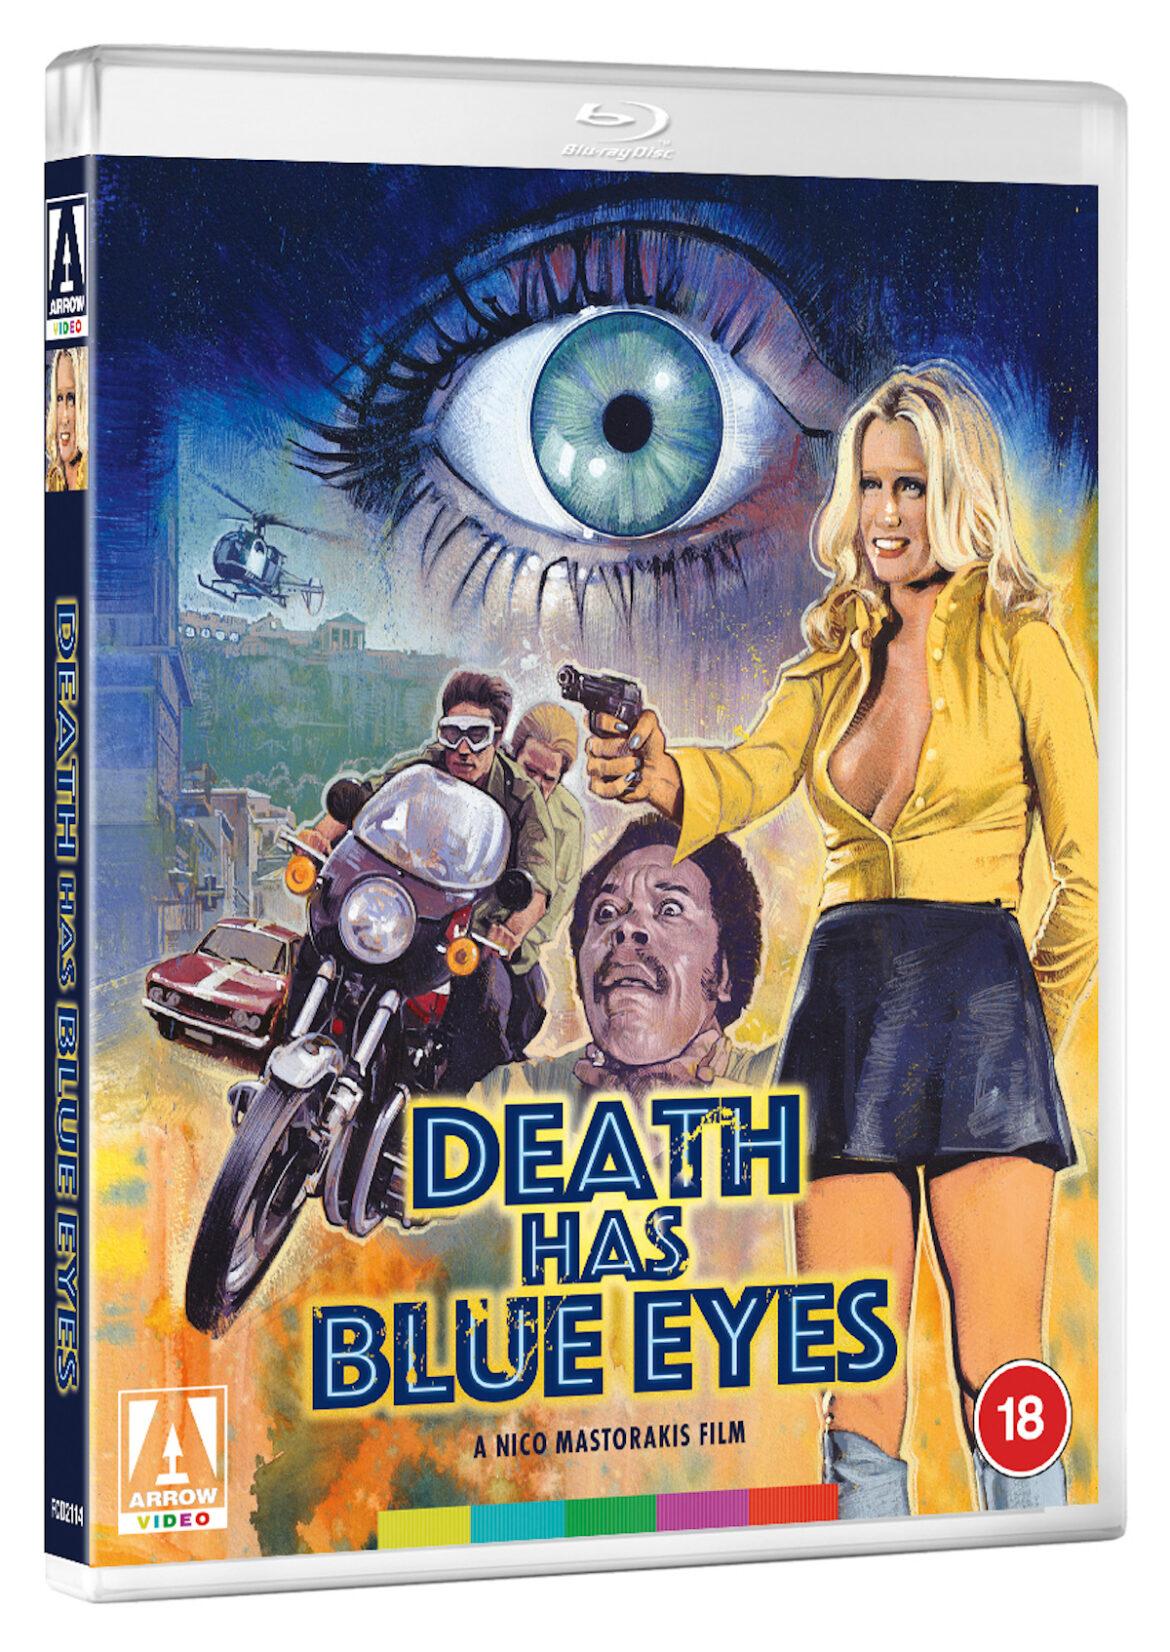 death has blue eyes (1976)